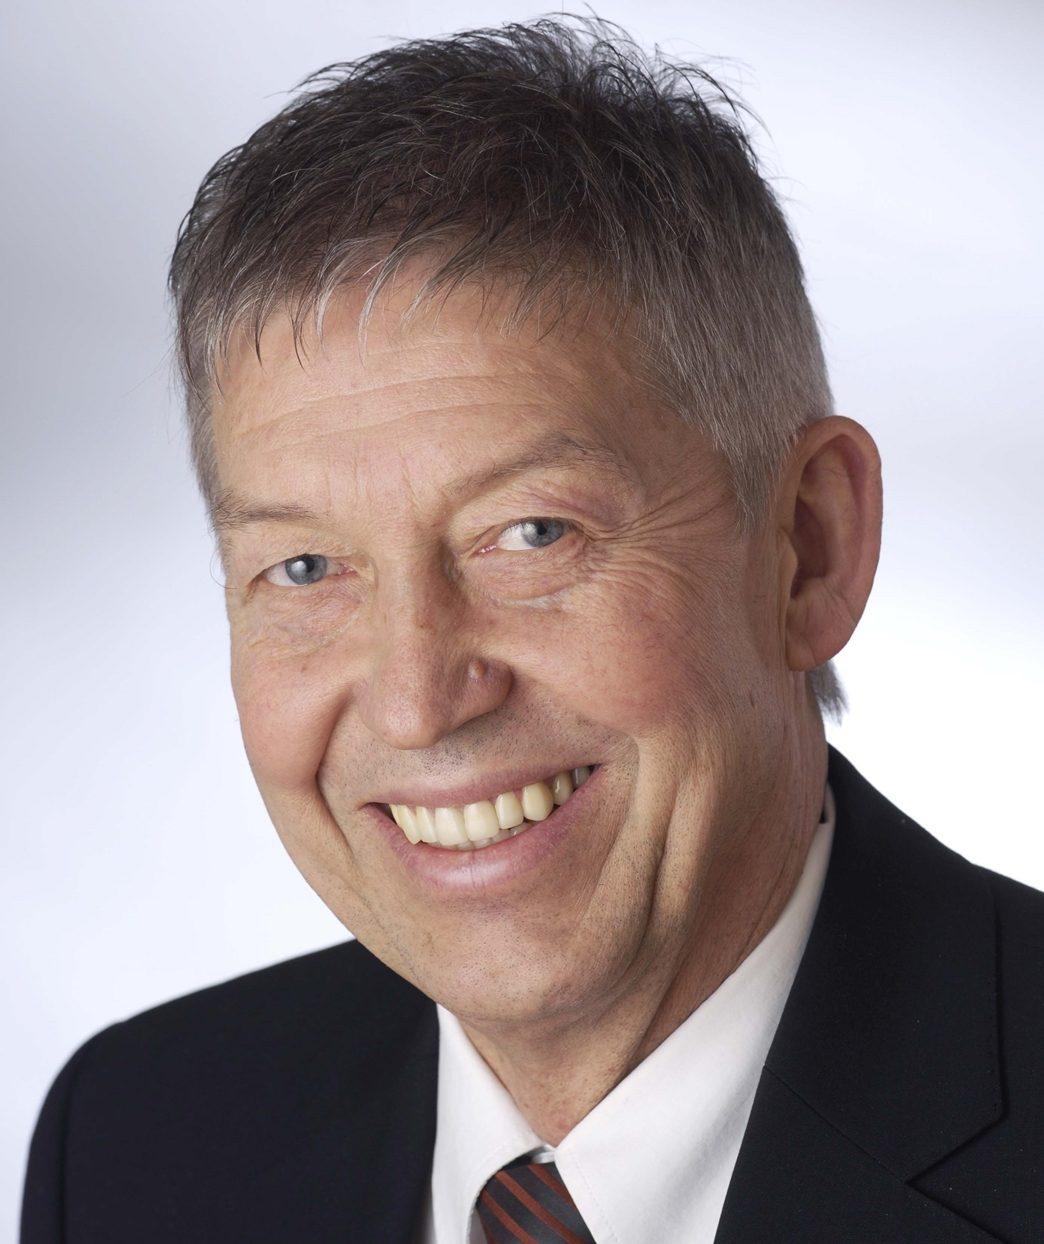 Dr. Hünnerkopf